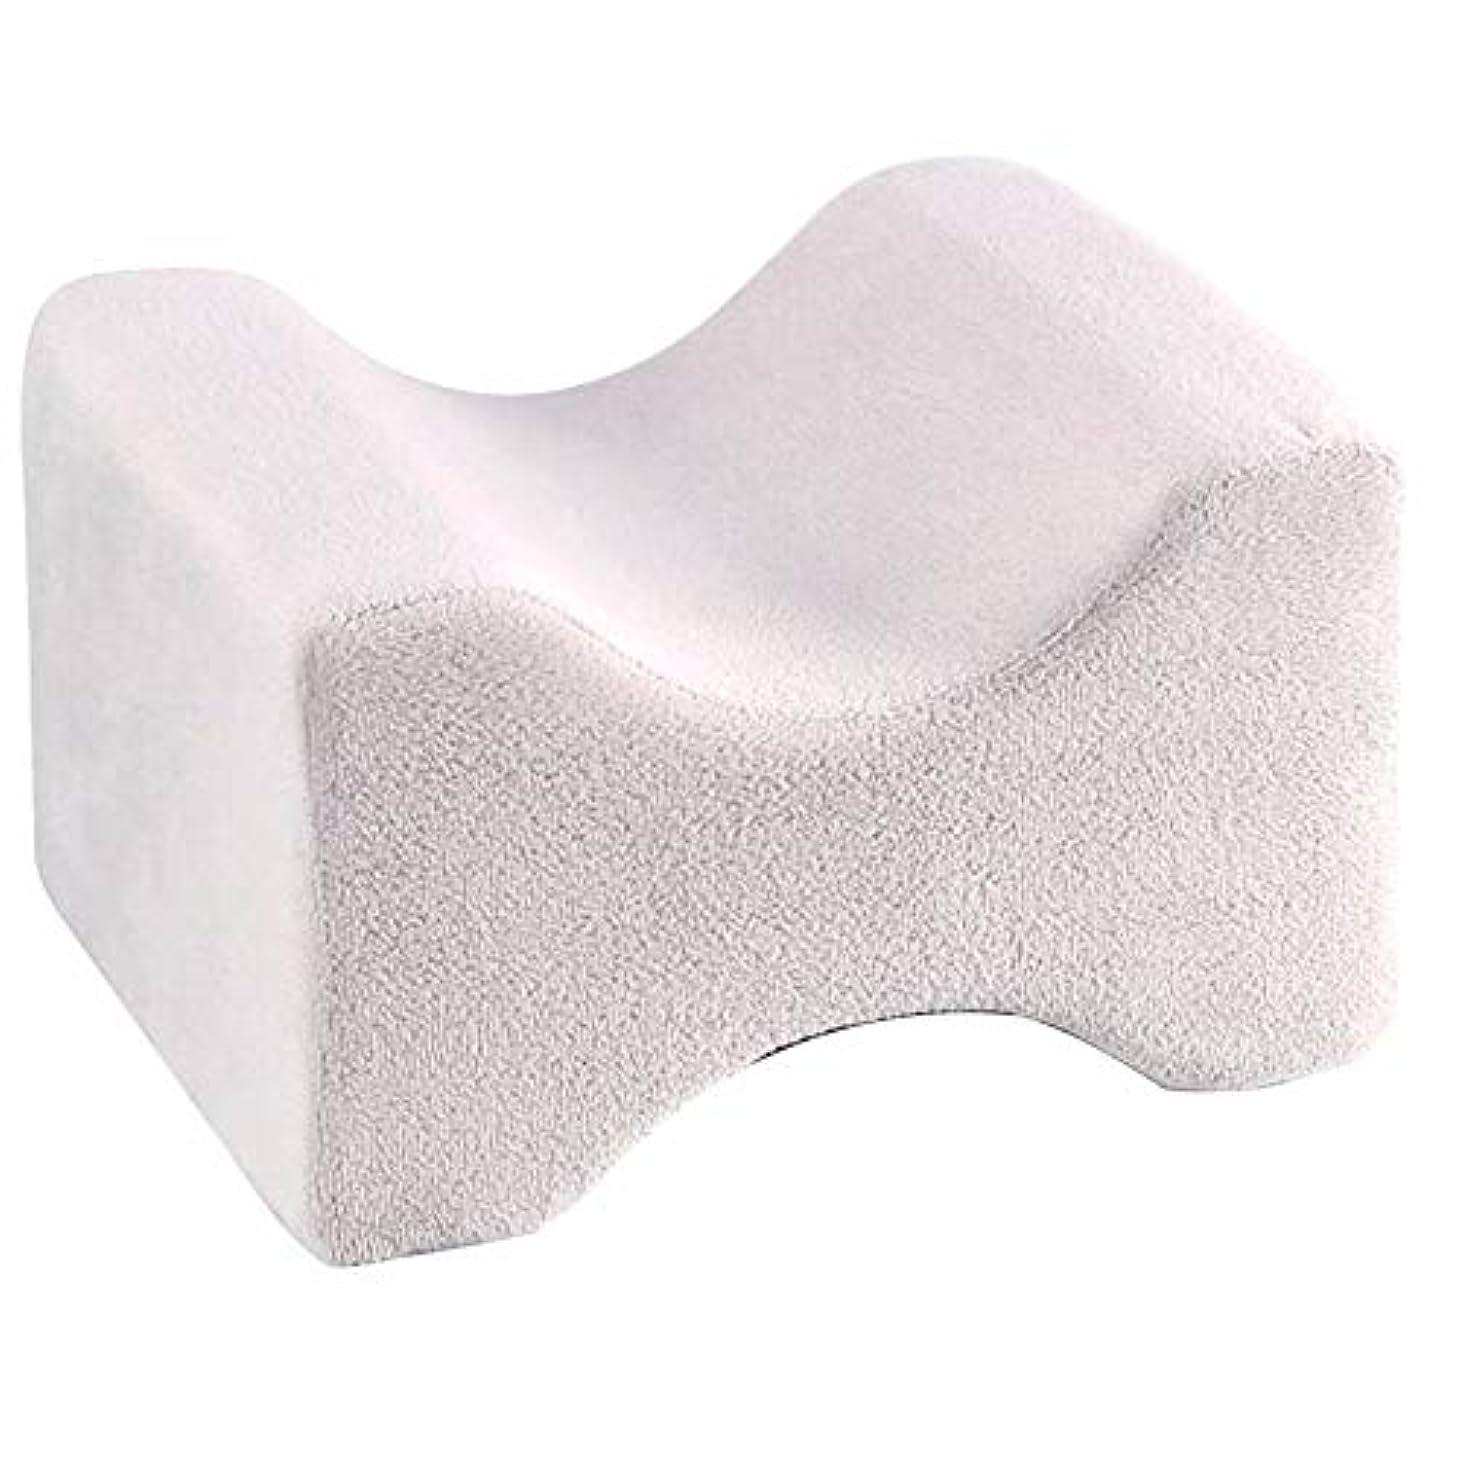 十二マナー後ろにソフト枕膝枕クリップ足低反発ウェッジ遅いリバウンドメモリ綿クランプマッサージ枕用男性女性